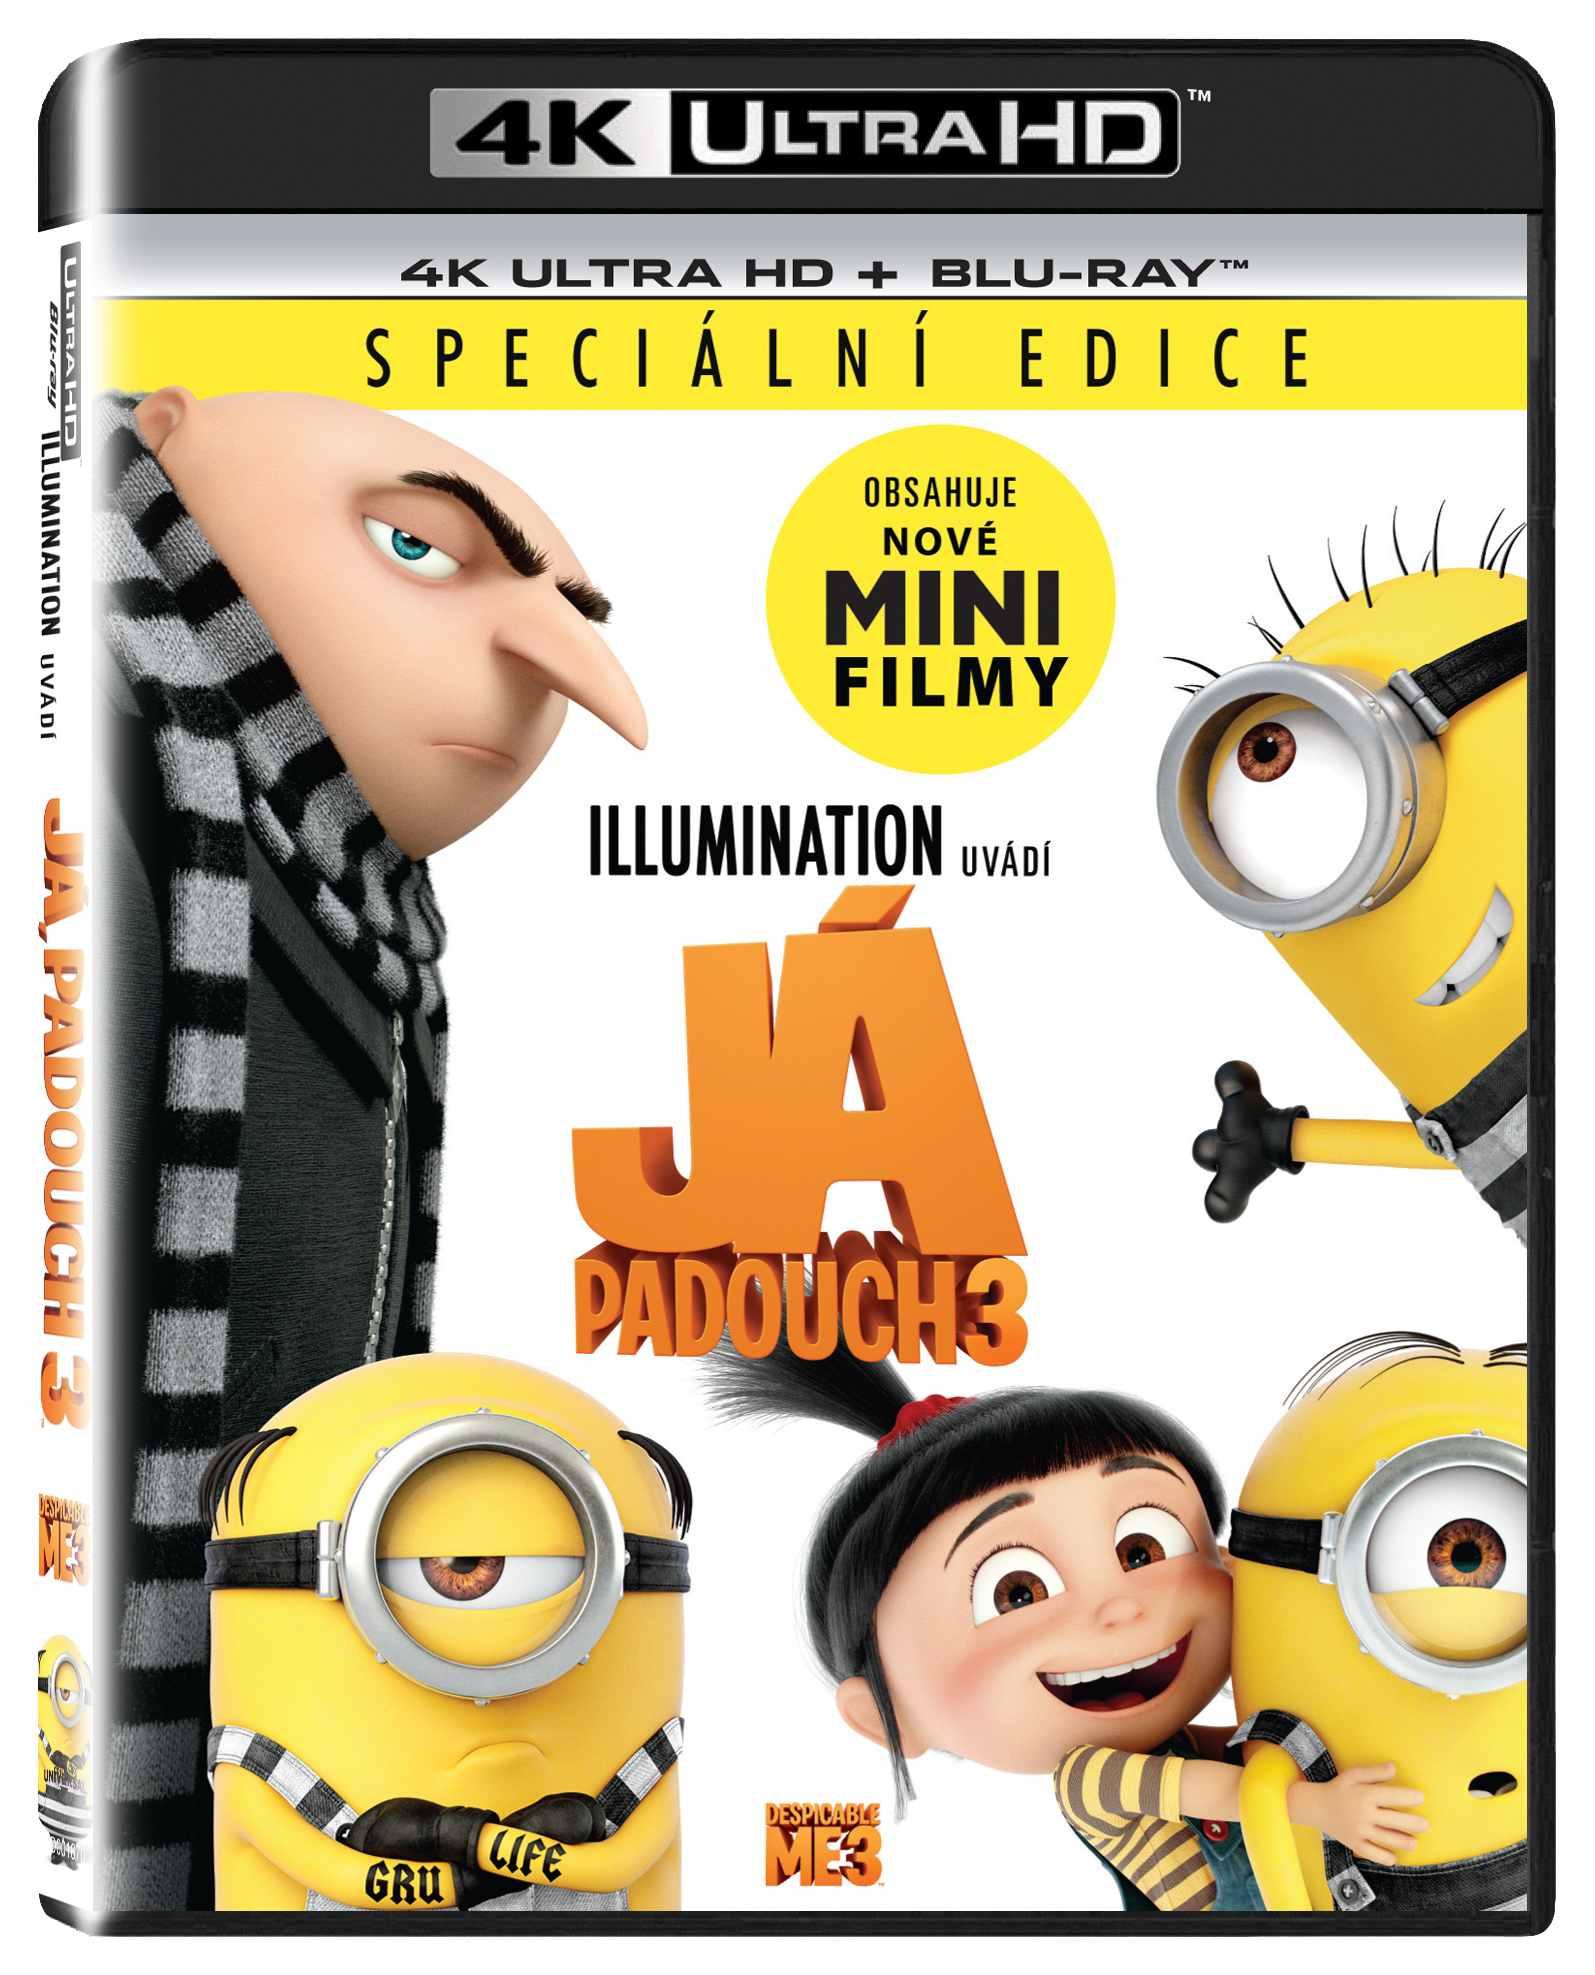 JÁ, PADOUCH 3 (4K ULTRA HD) - UHD Blu-ray + Blu-ray (2 BD)